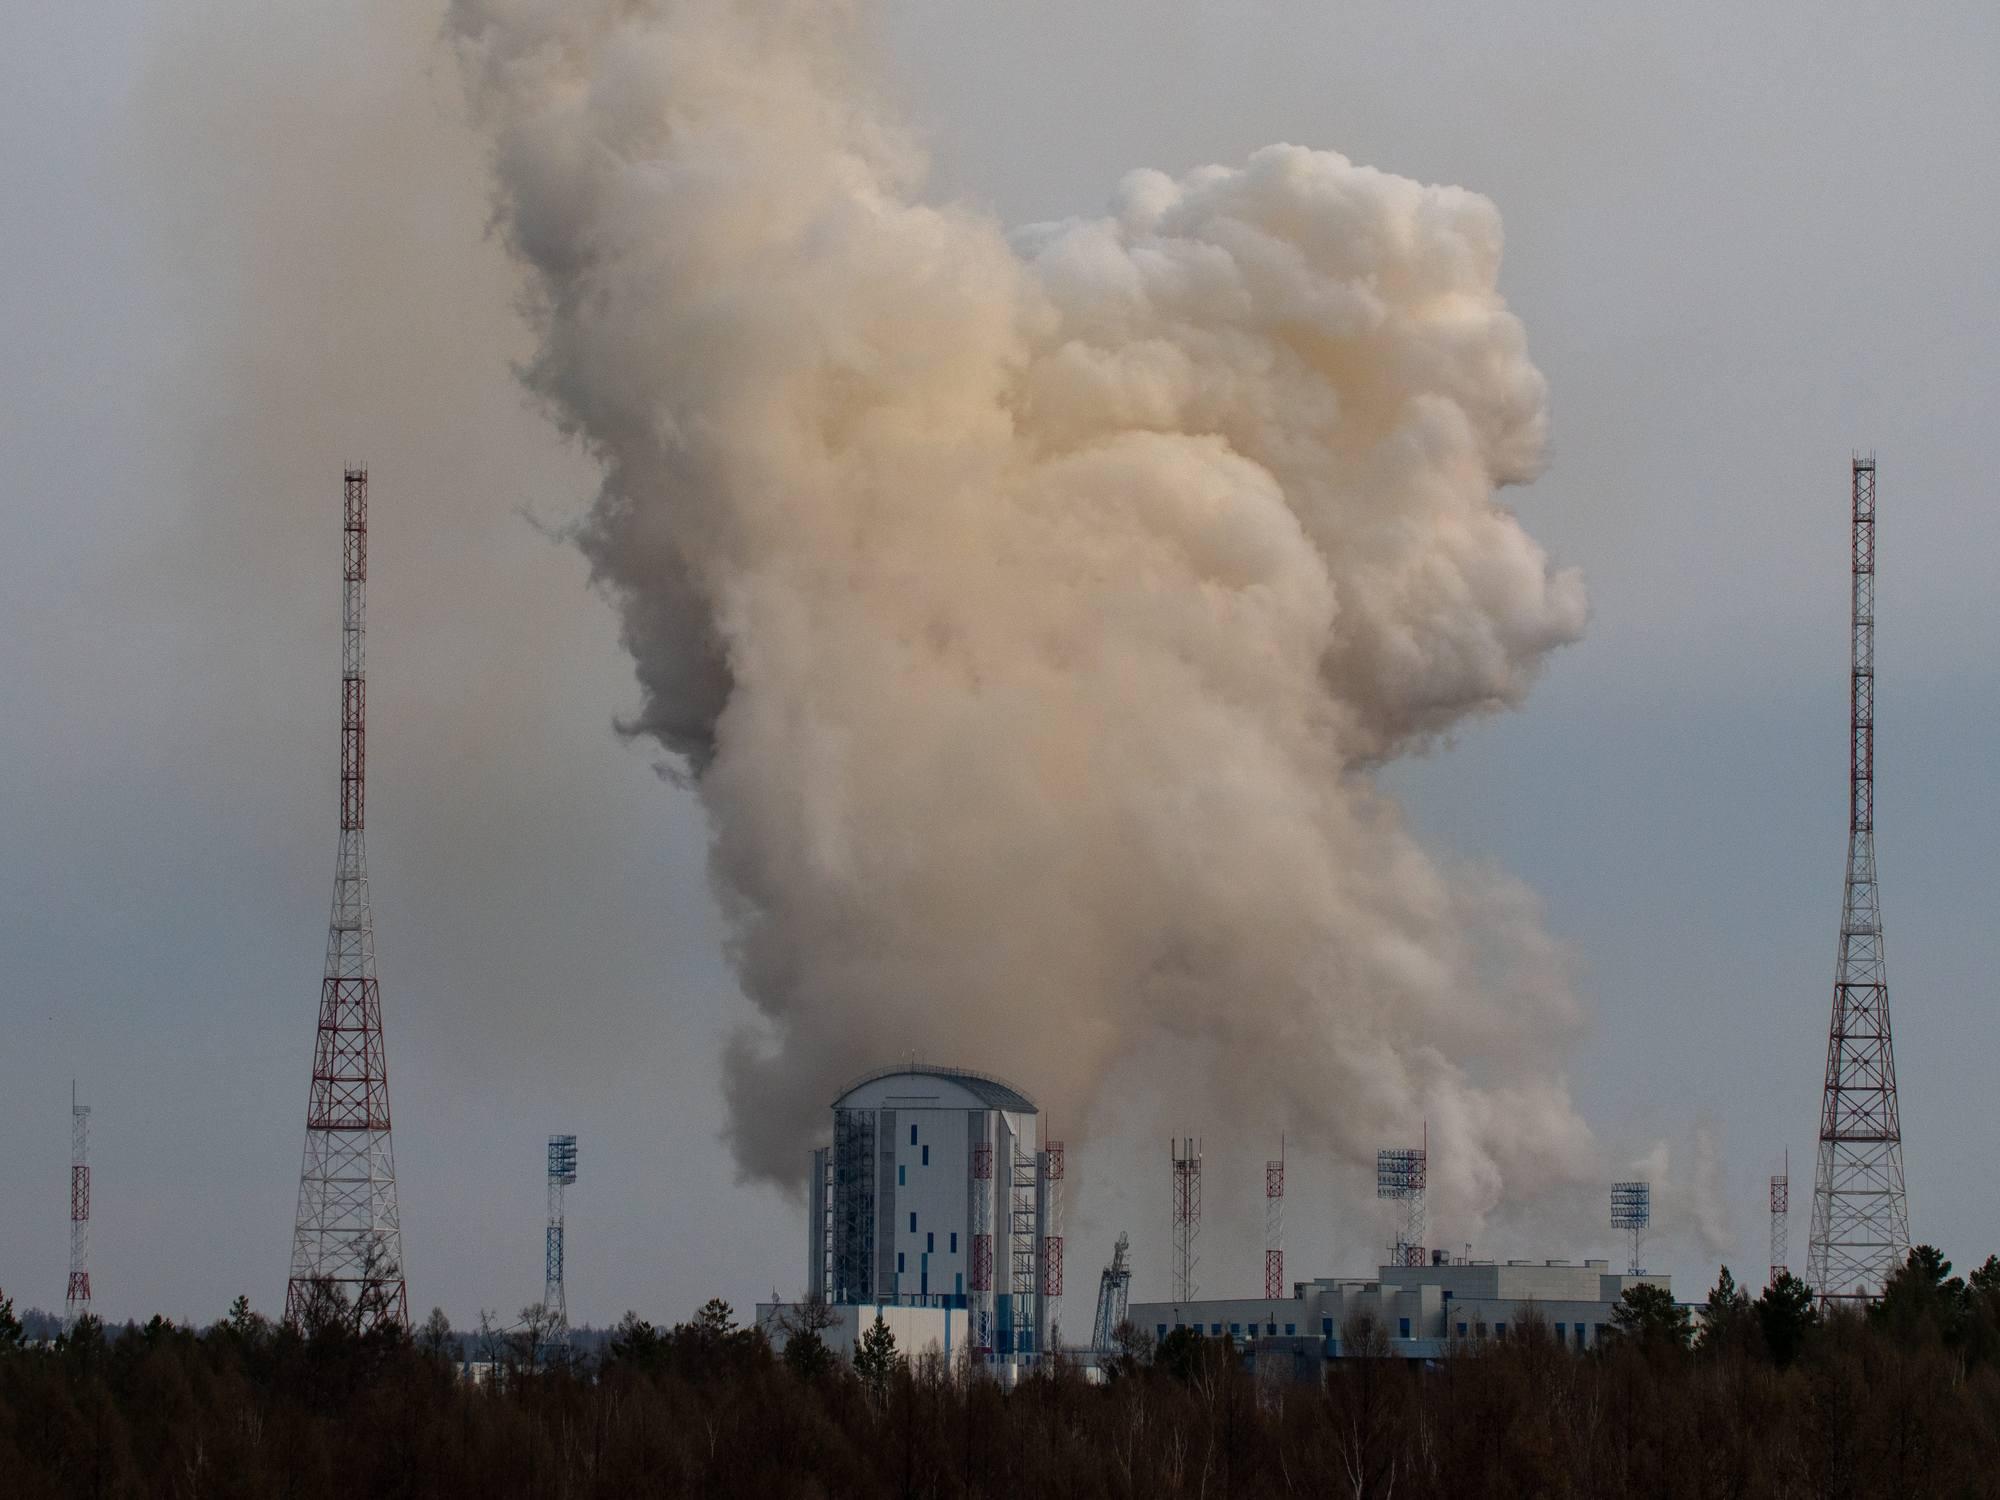 Non il ne s'agit pas d'une tour de refroidissement d'une centrale nucléaire! Mais d'un nuage (poussière, kérosène non brûlé et brûlé et vapeur d'eau) qui est rabattu sur la tour de service du pas de lancement 1S de Vostochny après le décollage du lanceur Soyouz 2.1b.